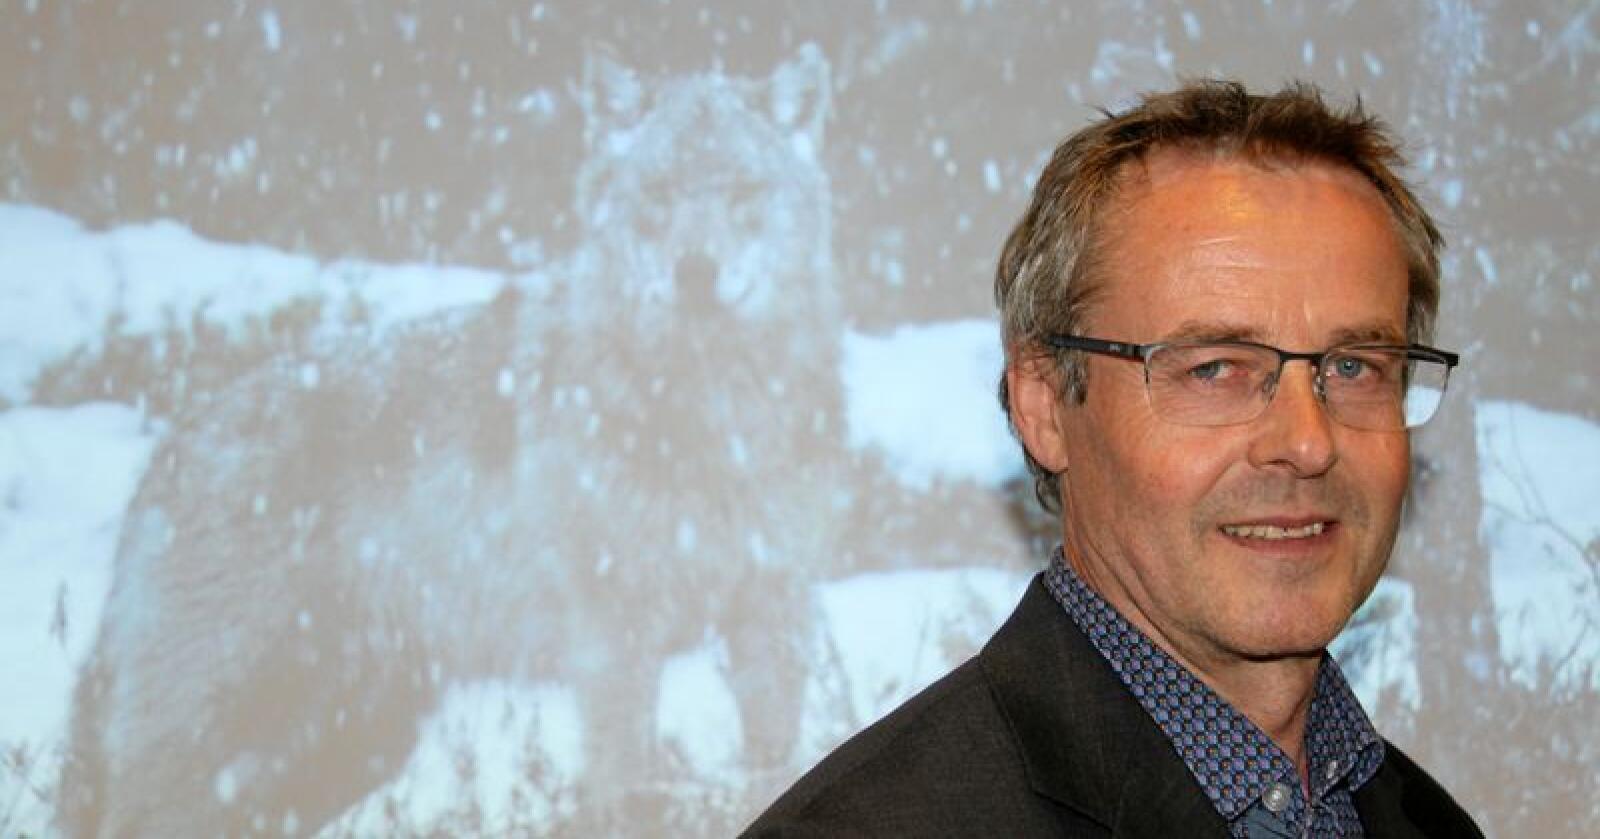 Arnodd Håpnes er fagelder for naturmangfold i Naturvernforbundet. Foto: Svein Egil Hatlevik